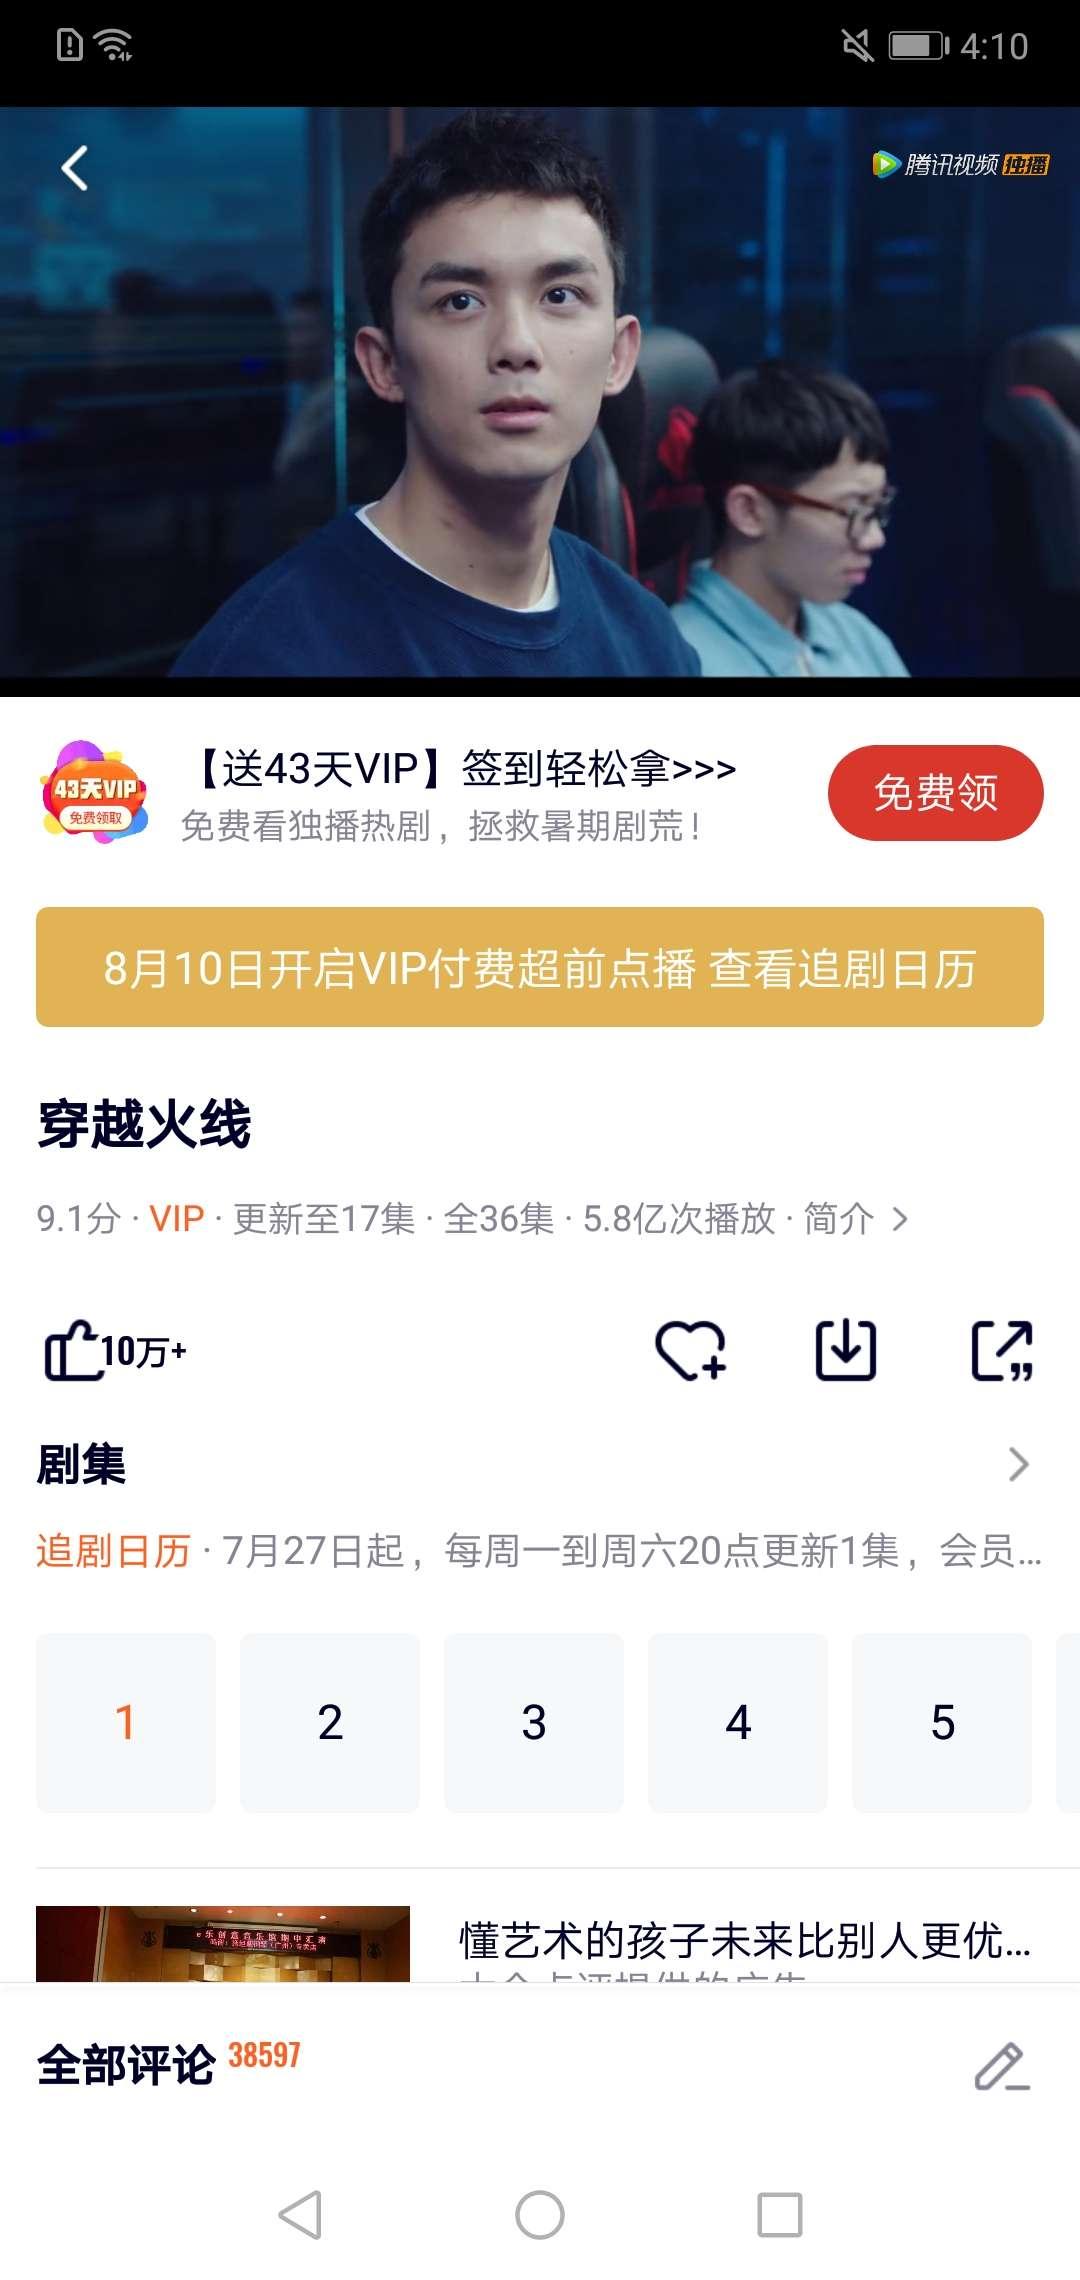 【实用APP】腾讯视频v8.2.30.21396去广告版  第3张